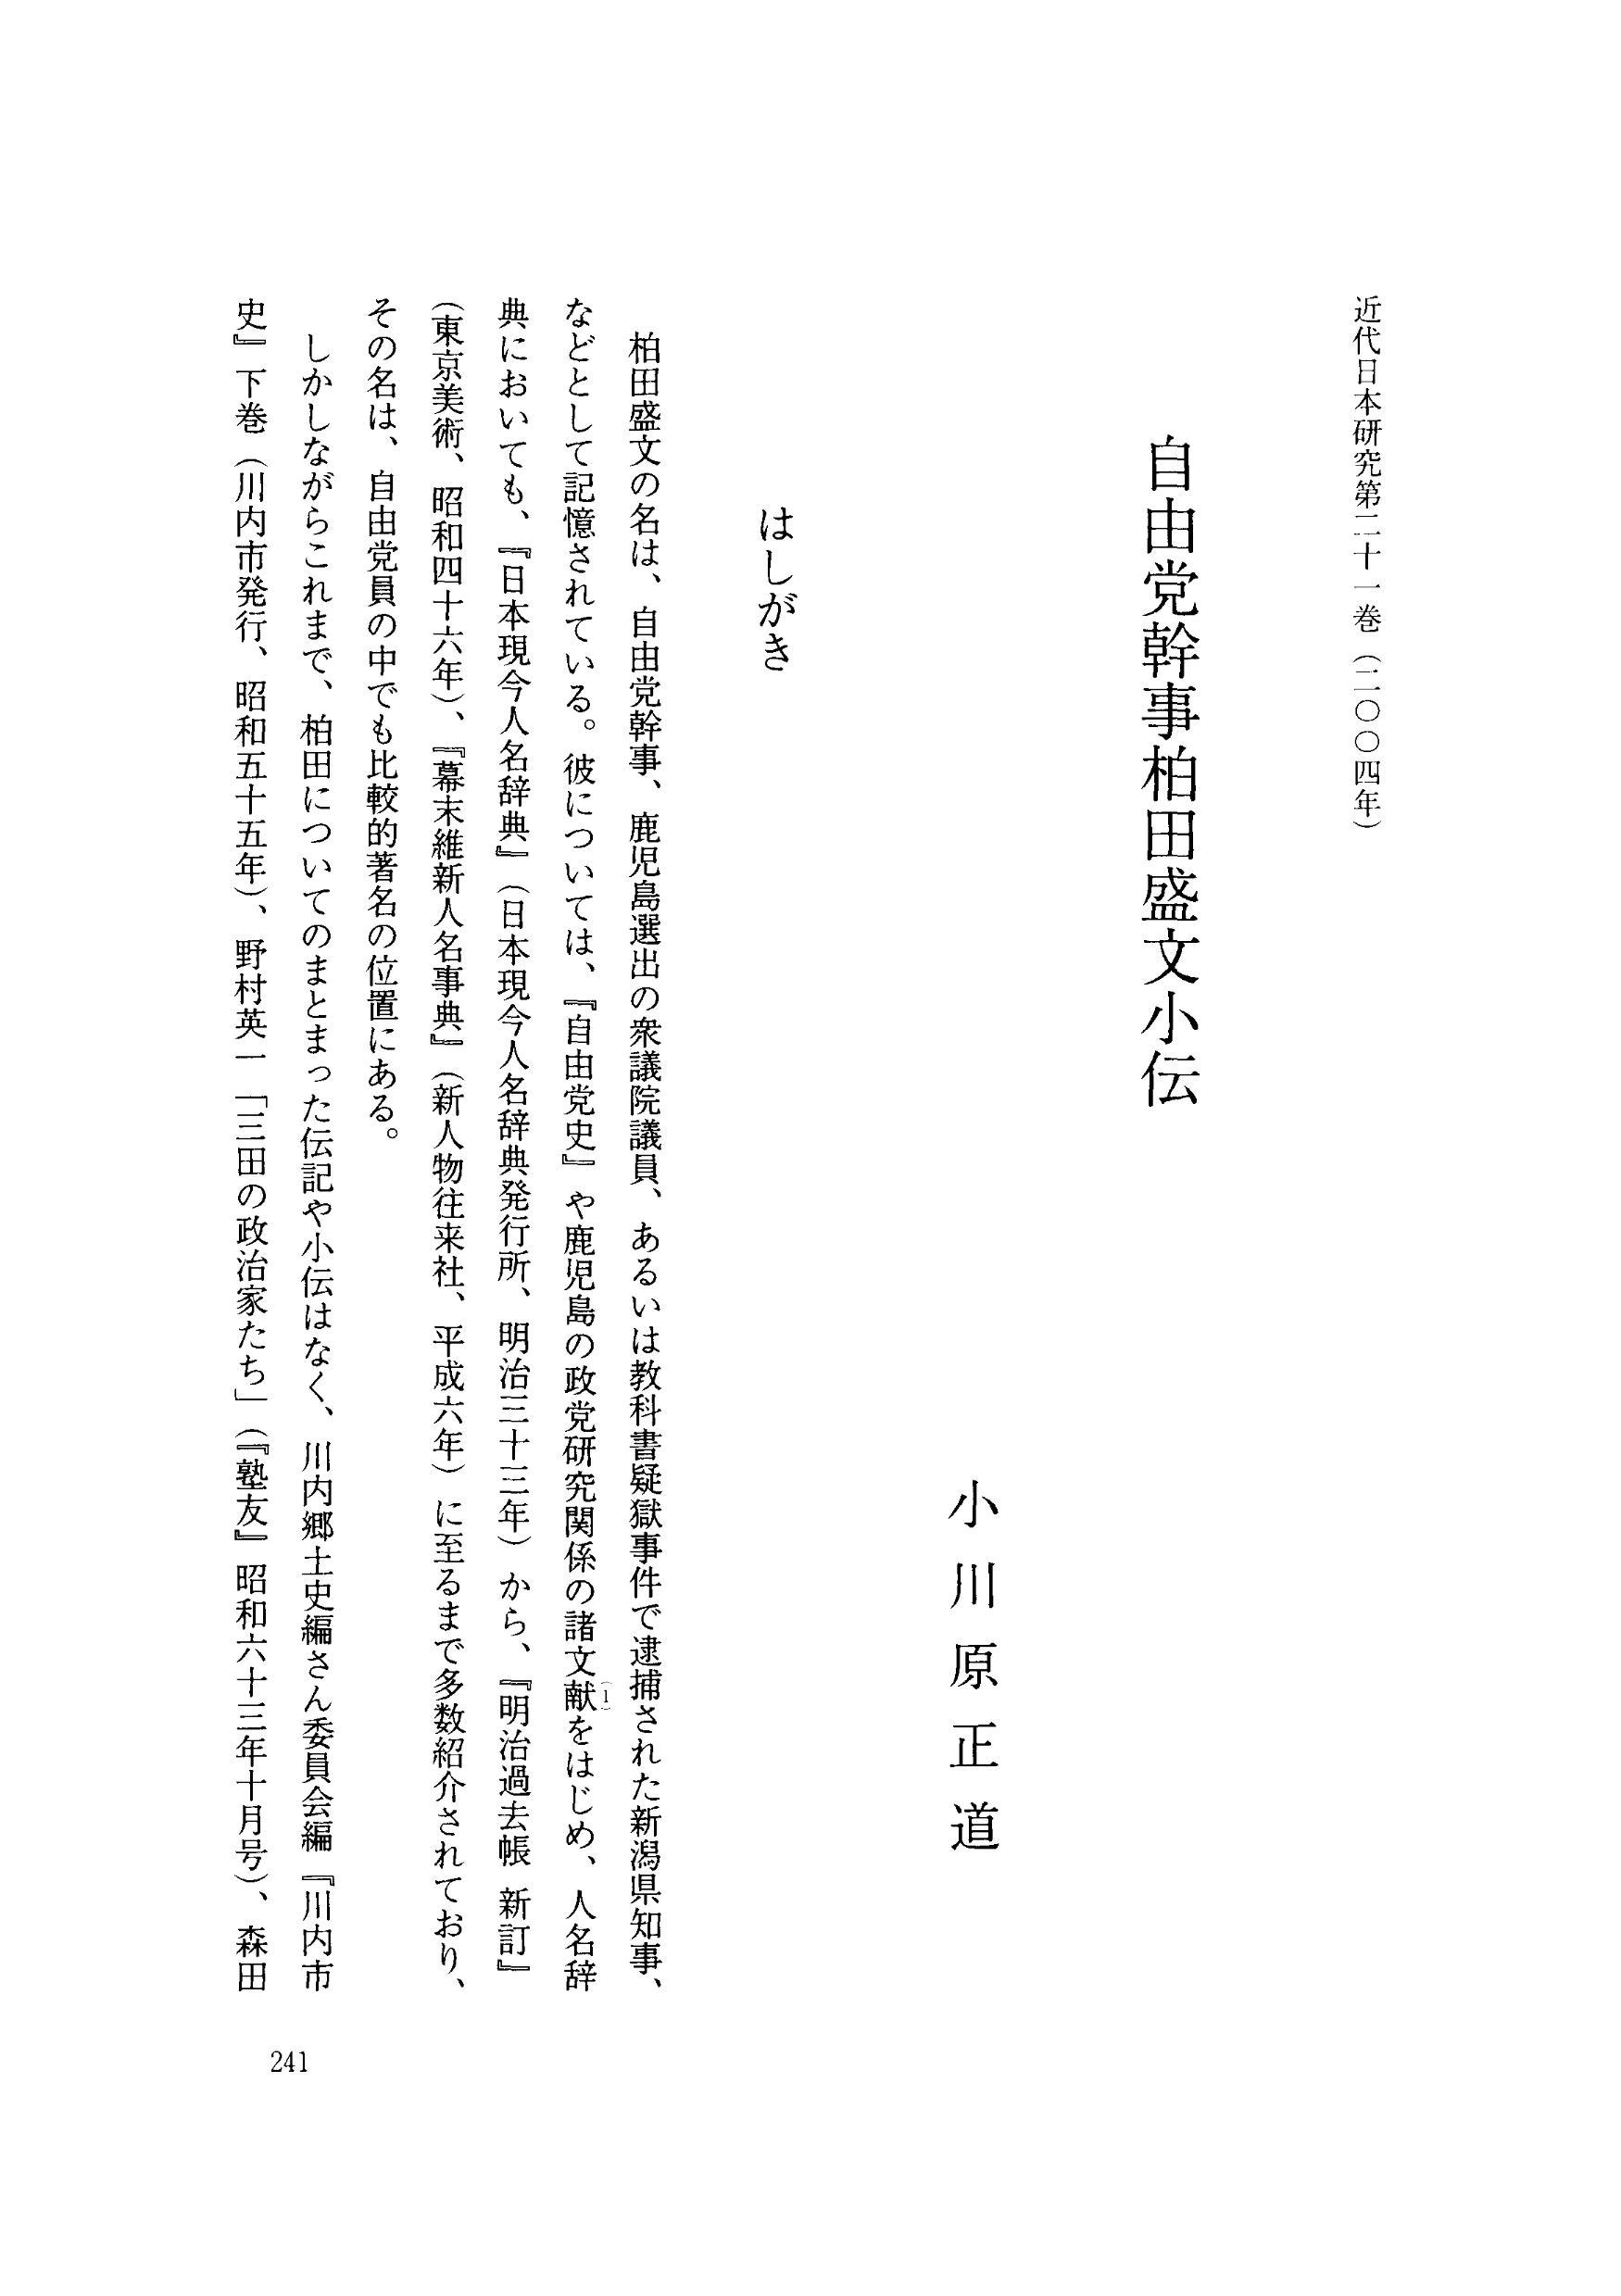 慶應義塾大学学術情報リポジトリ(KOARA)